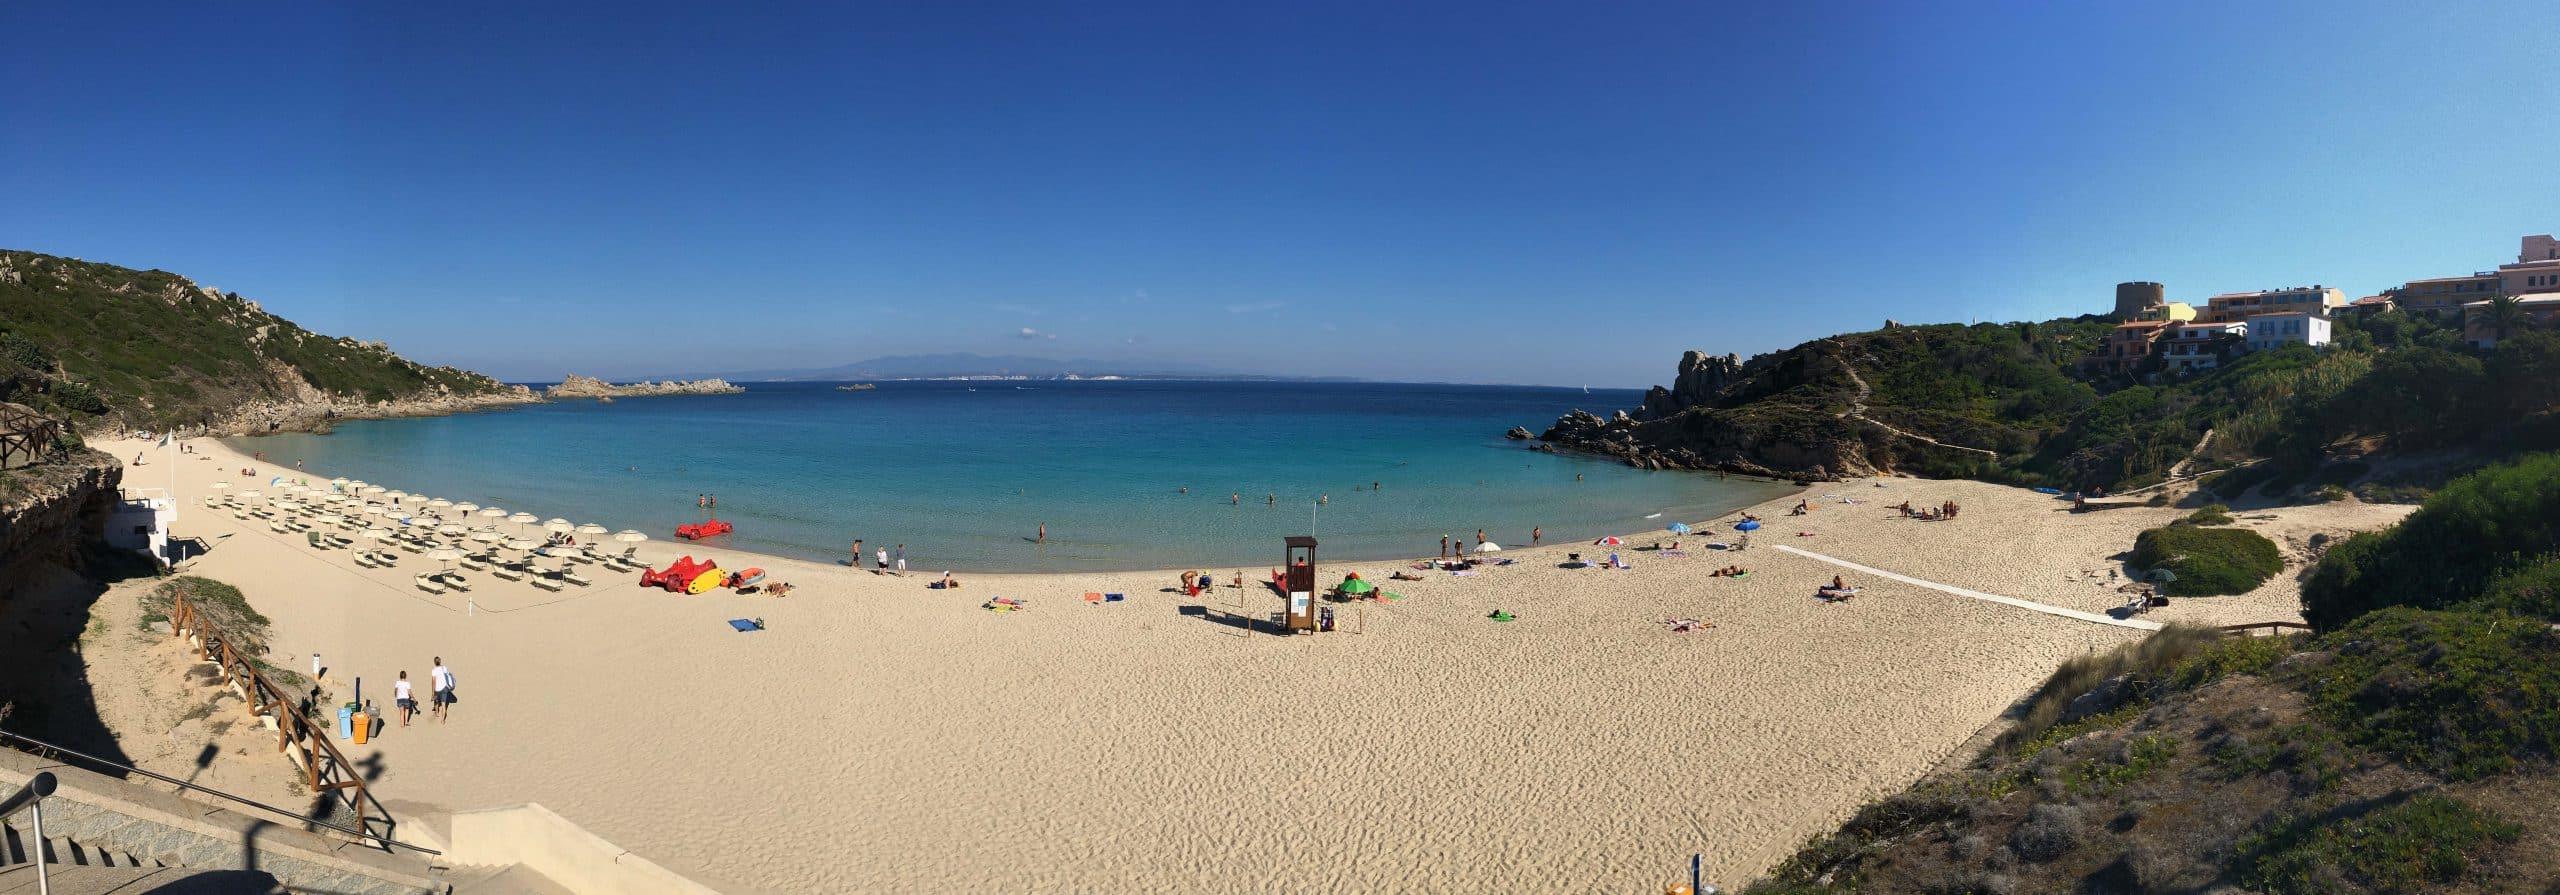 Sardinien Reisetipps - Strand Spiaggia Rena Bianca